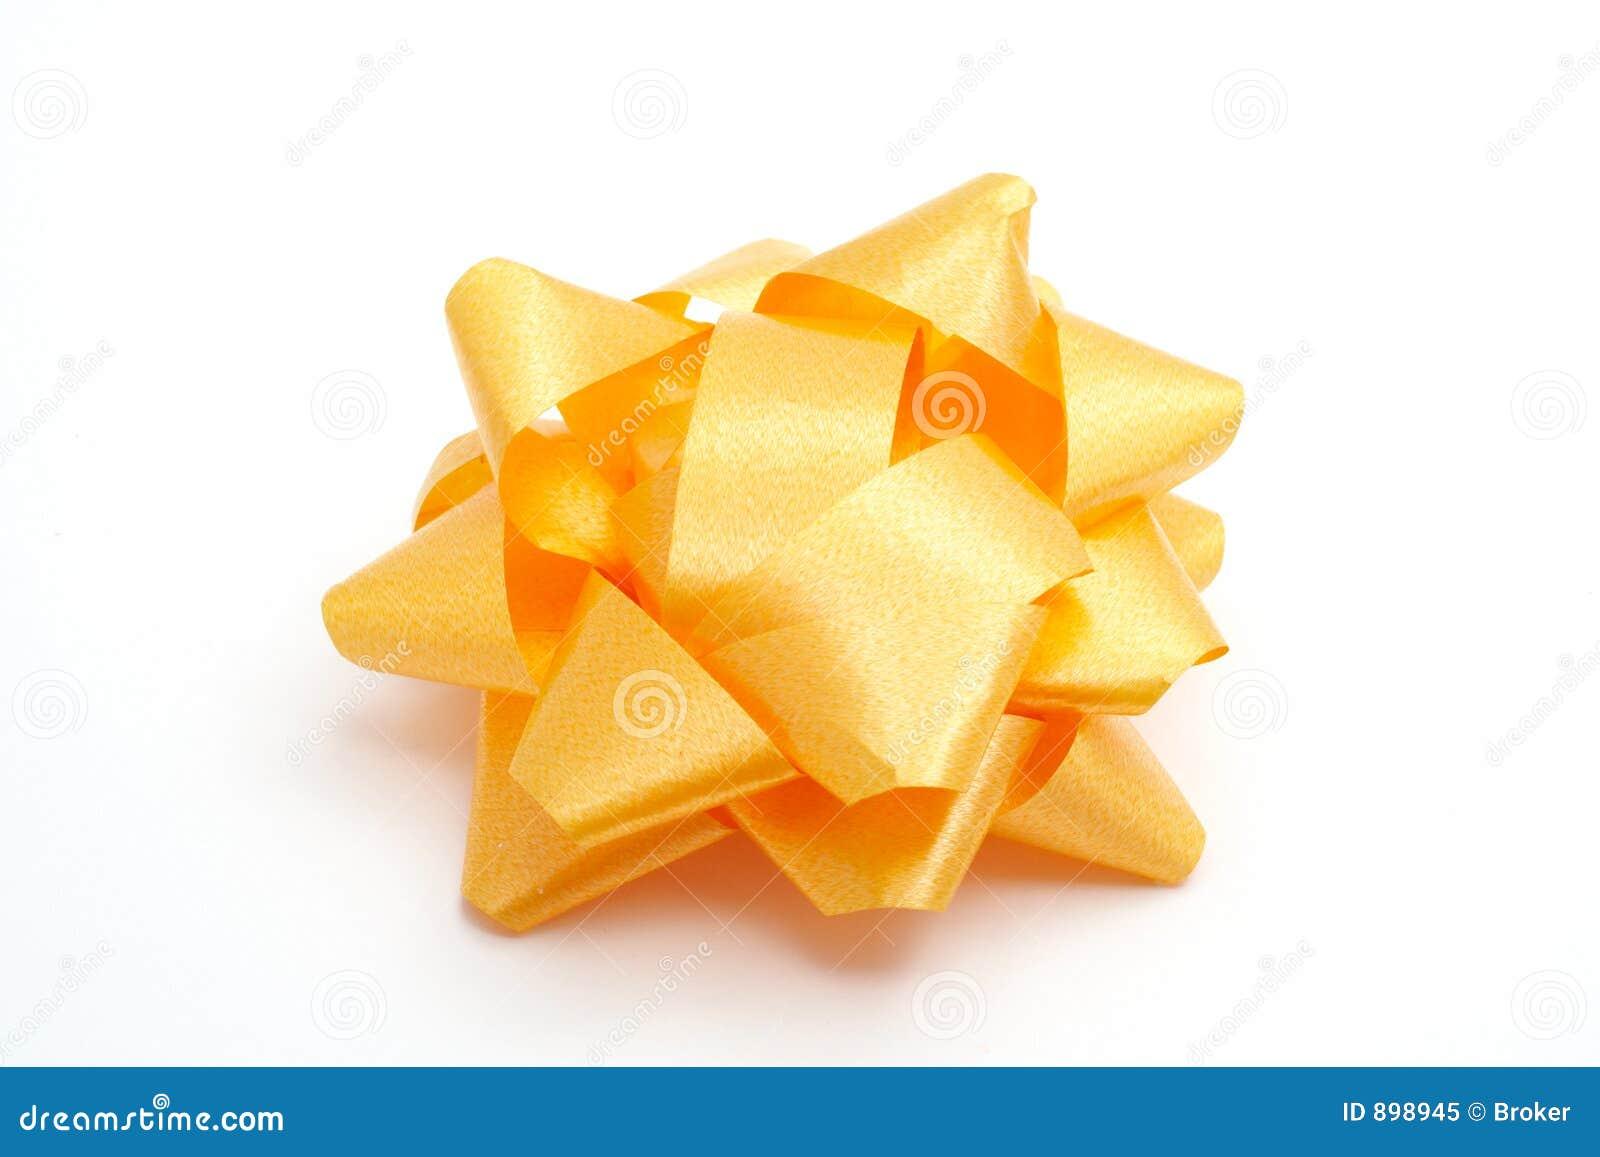 Tasiemkowy żółty